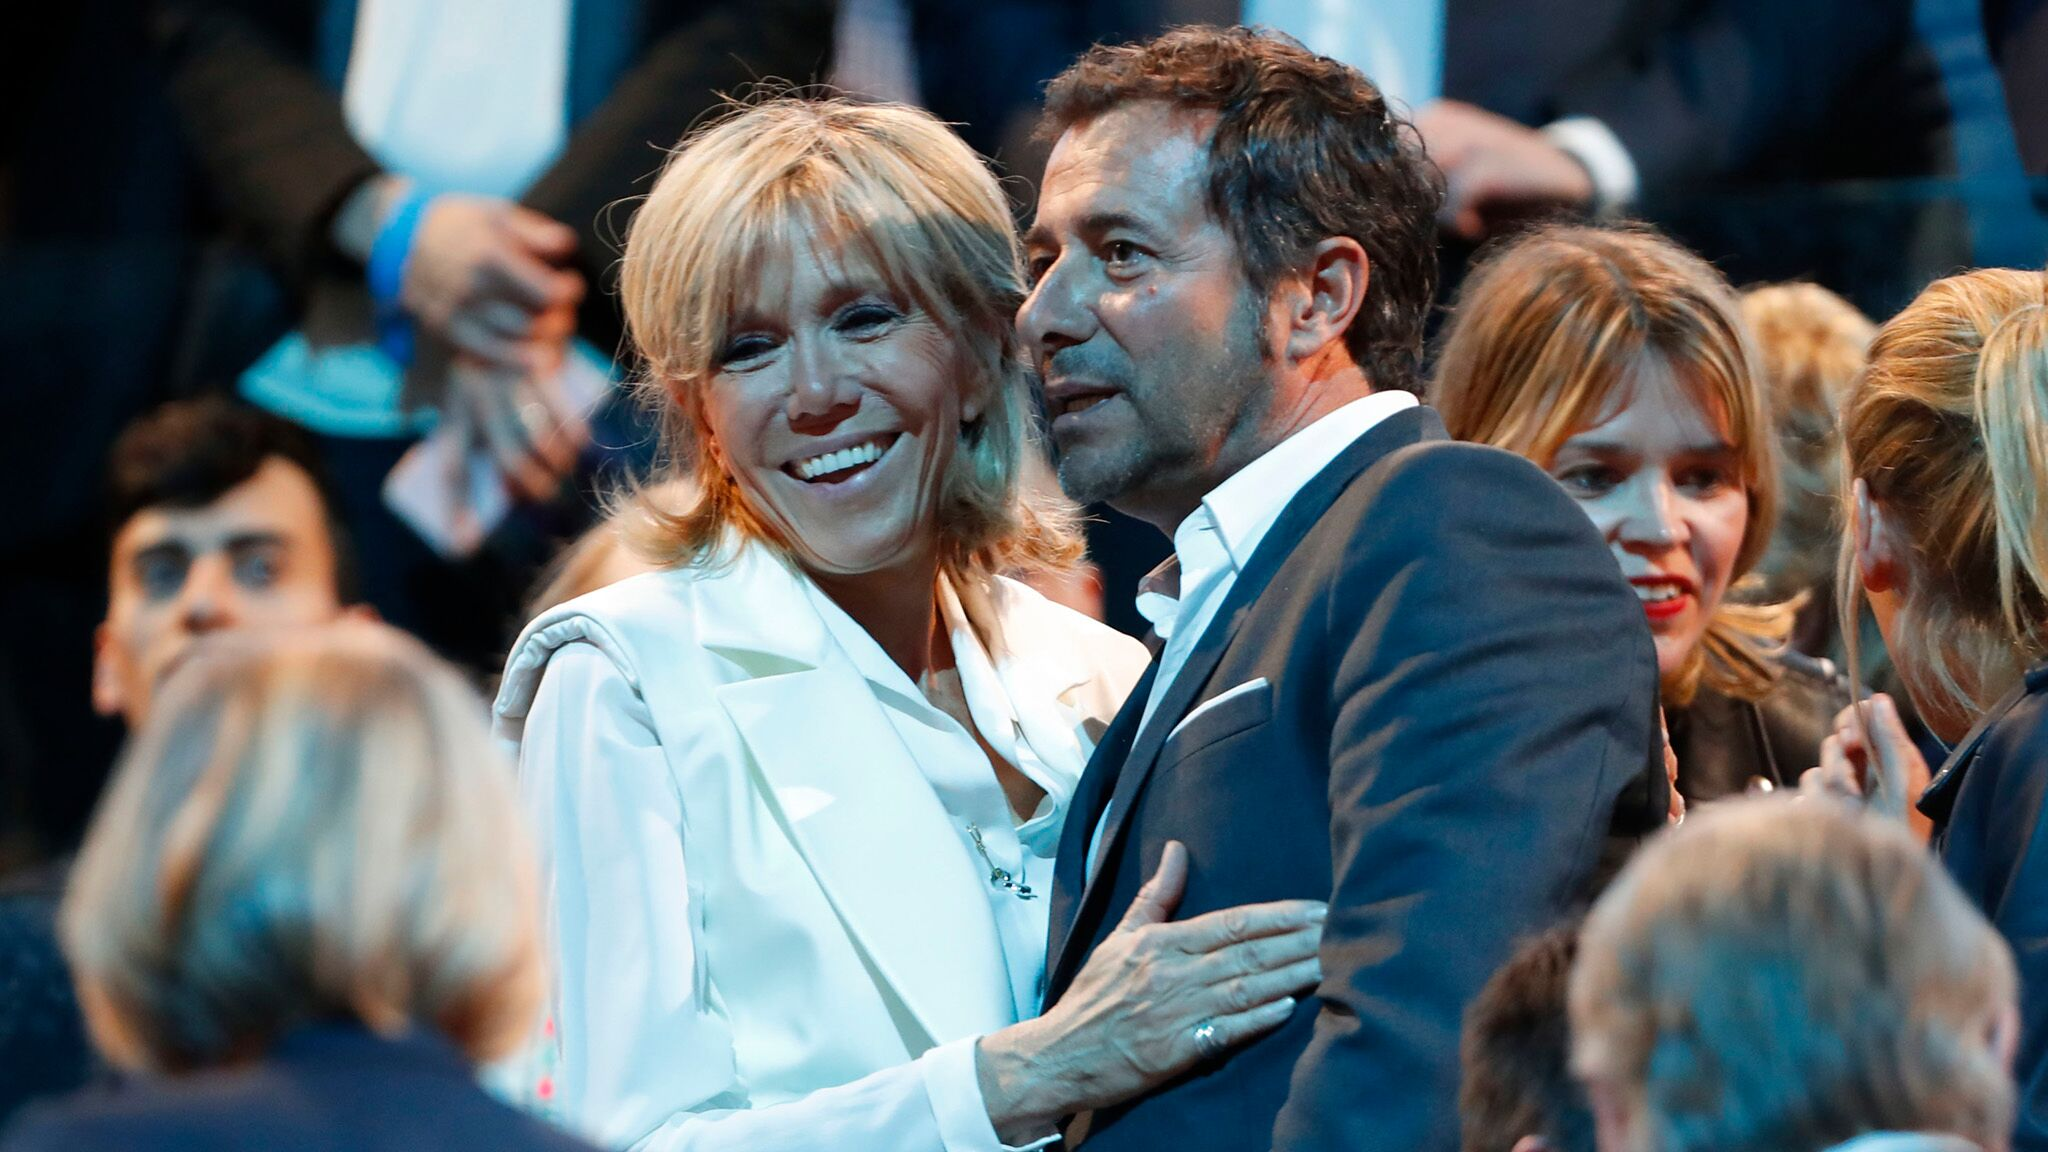 Brigitte Macron Cette Surprenante Soiree Qu Elle A Passee Avec Bernard Montiel Voici